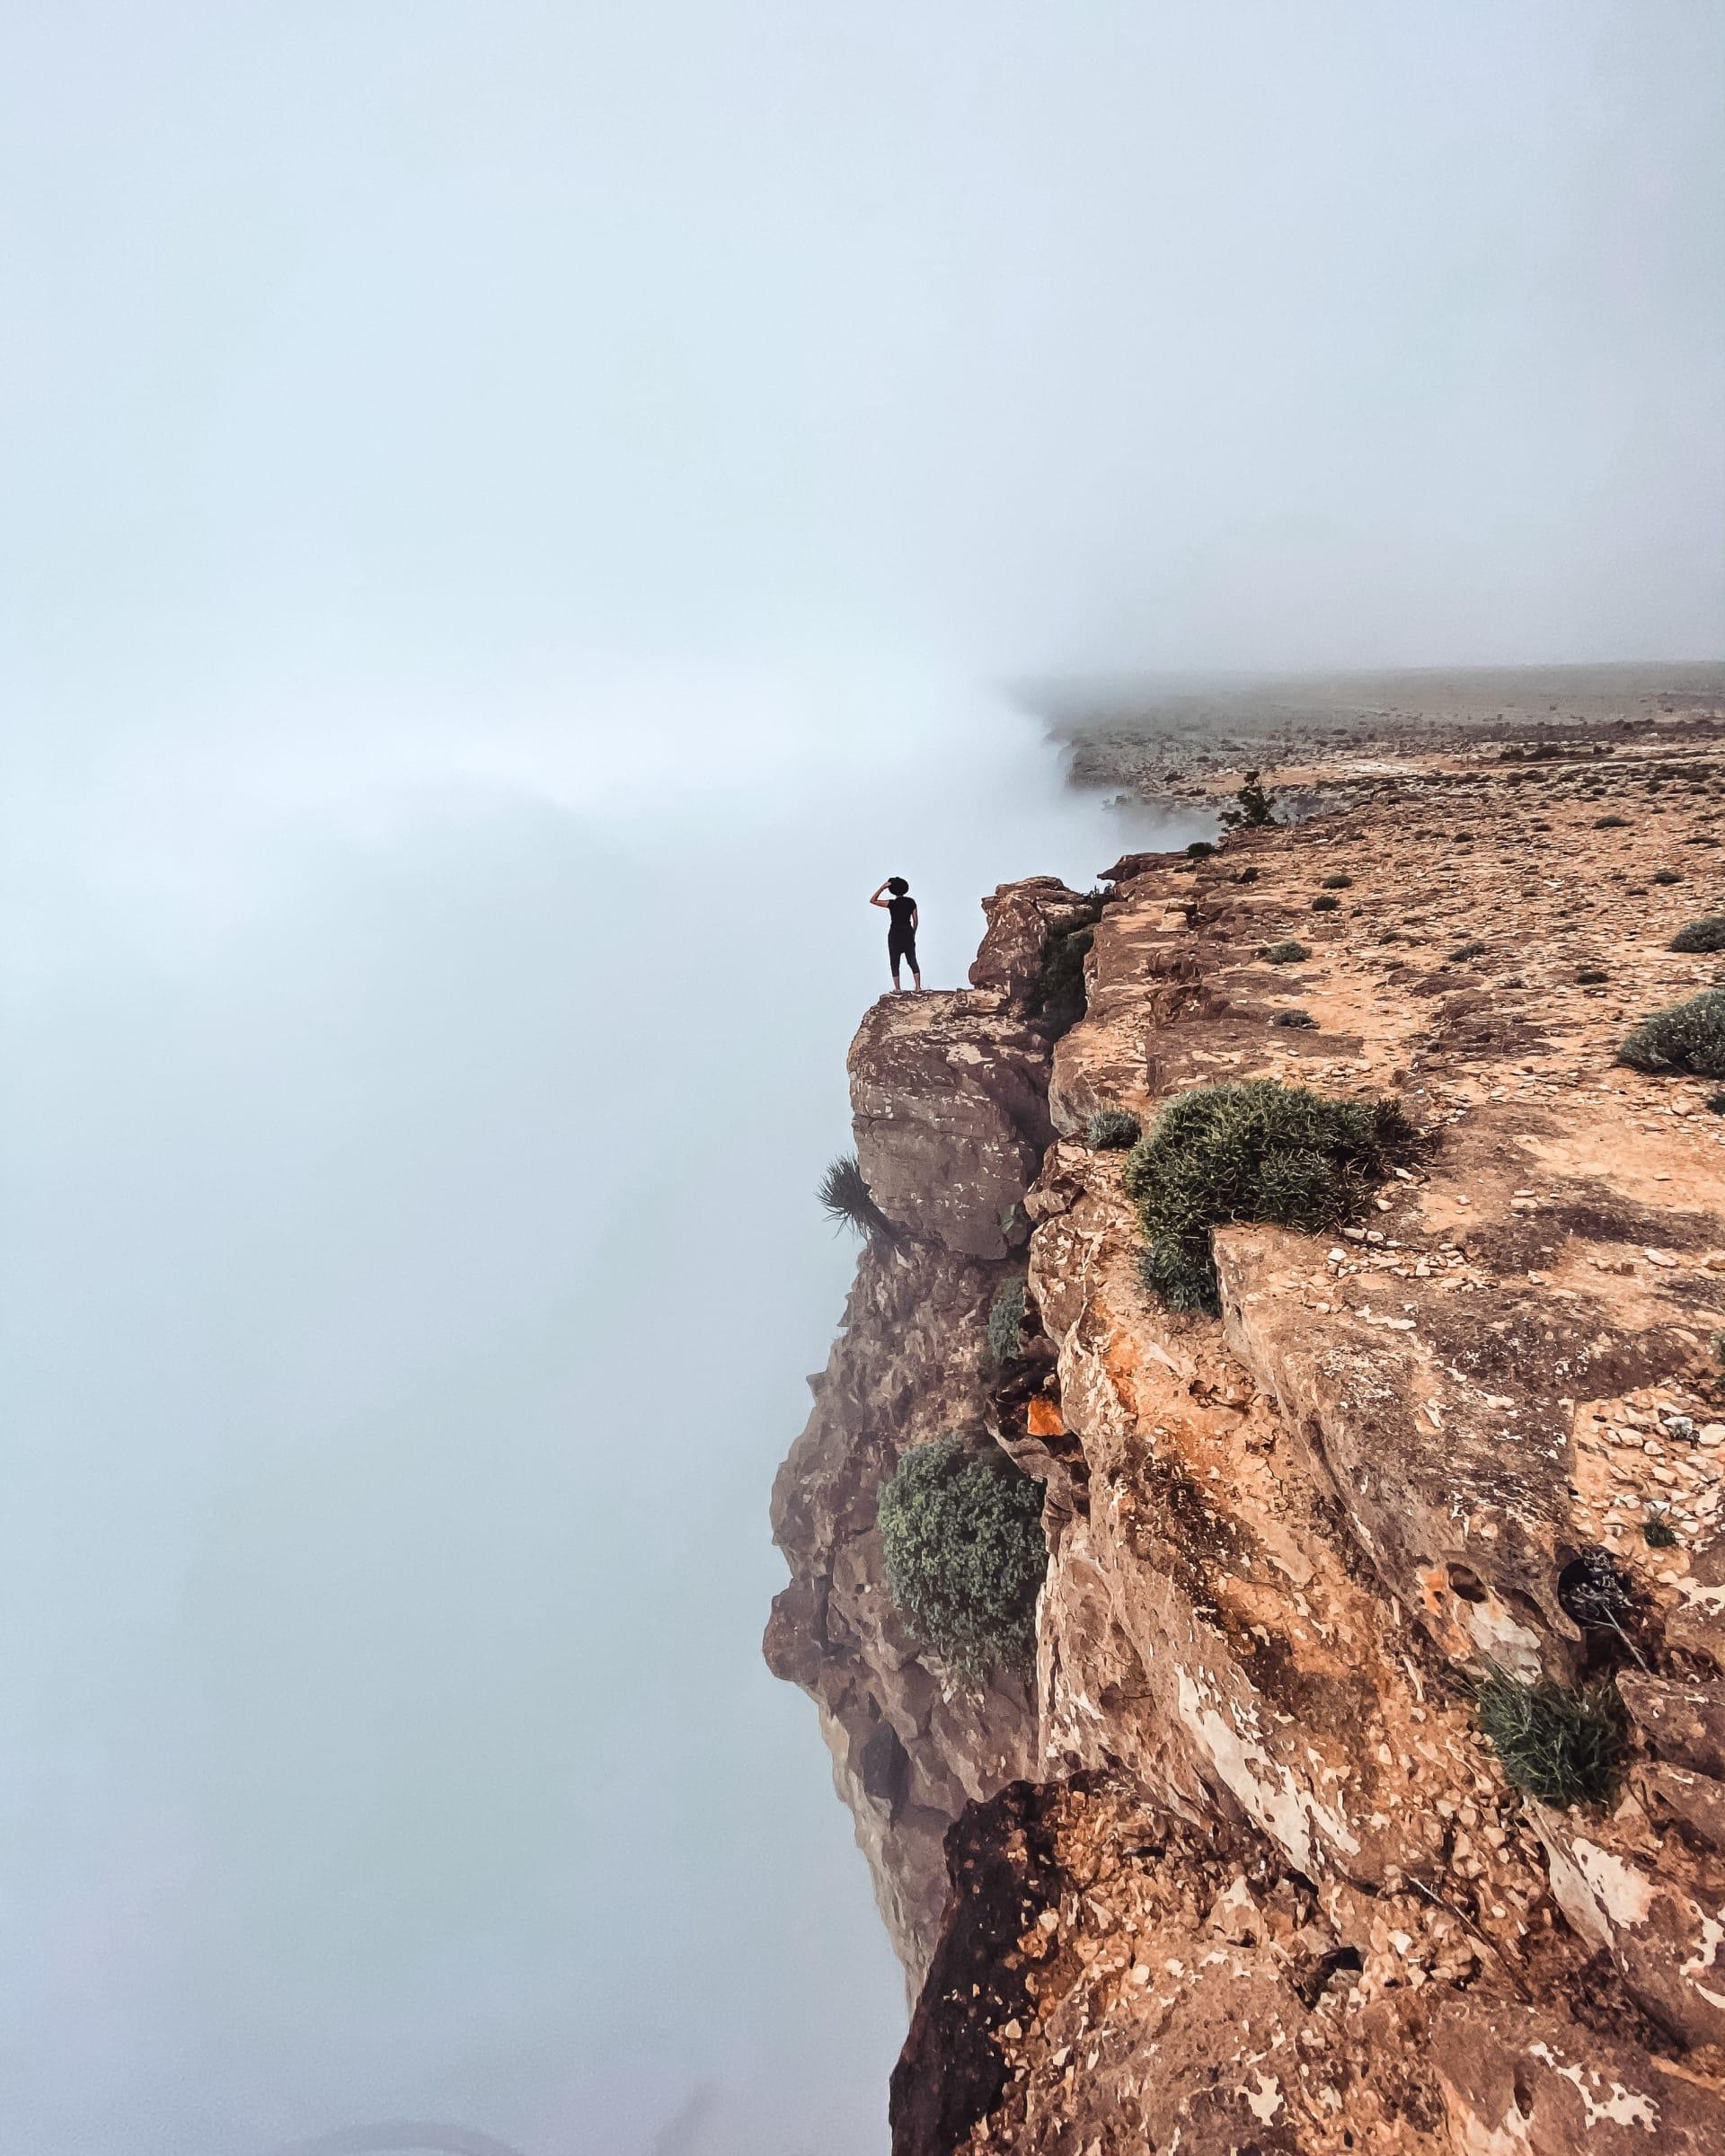 مشهد مثل الحلم..قمة جبل سمحان تعانق السحاب في سلطنة عمان